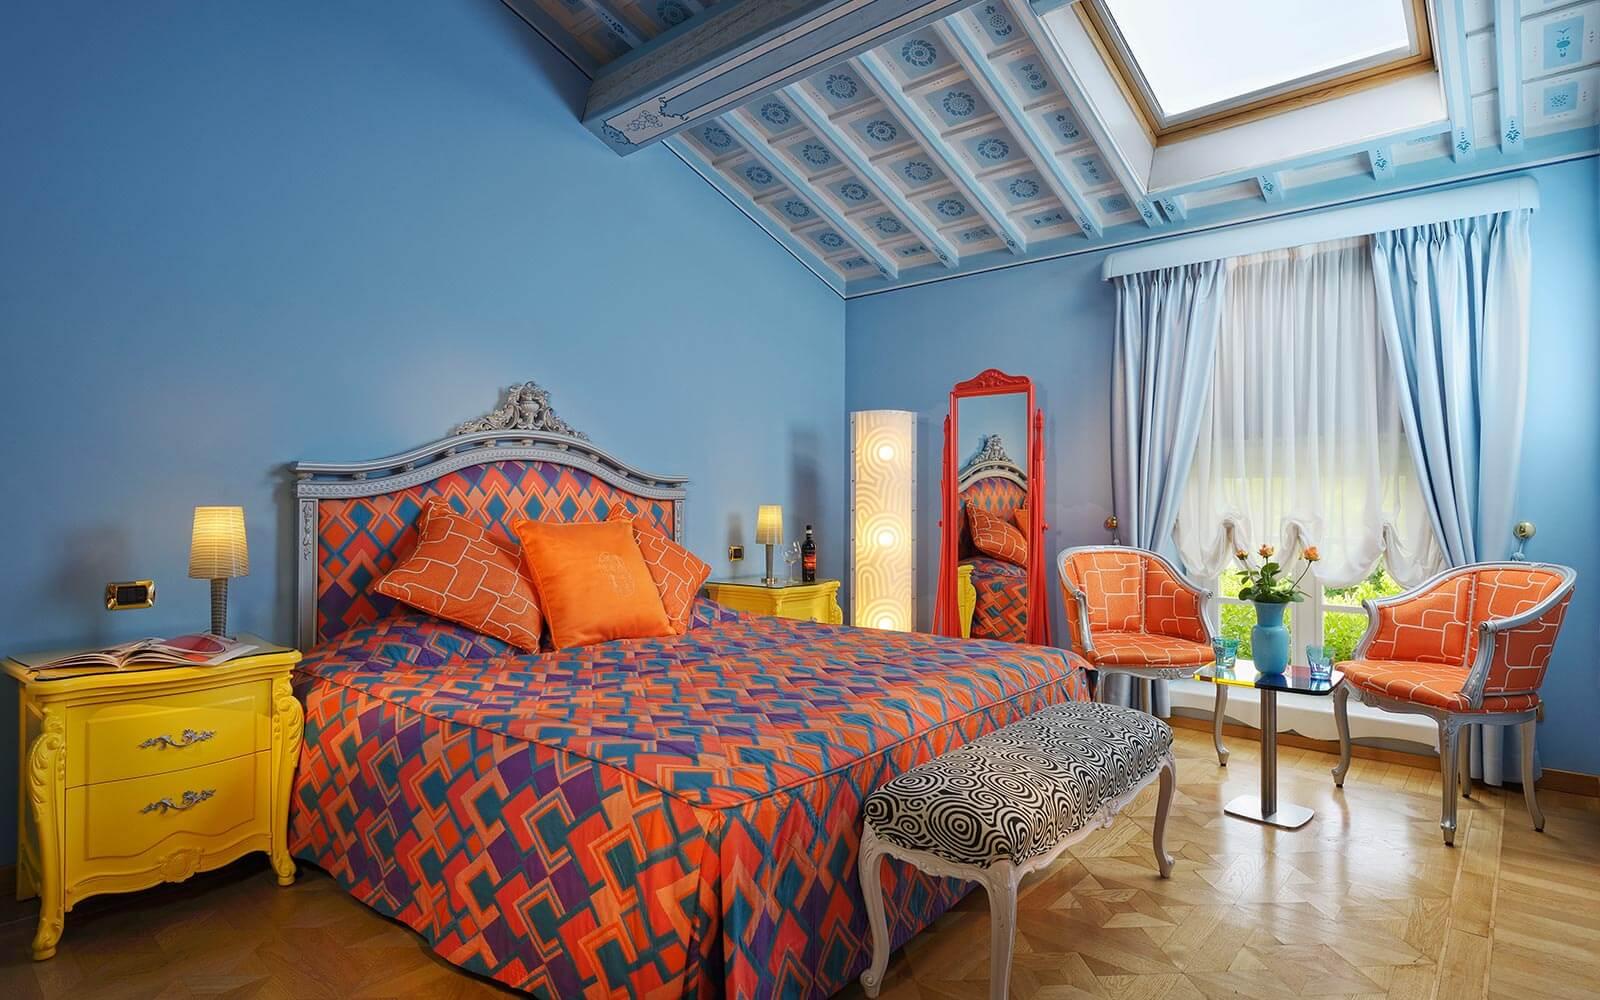 Chambre de l'hôtel Byblos, San Pietro In Cariano Verone, Italie